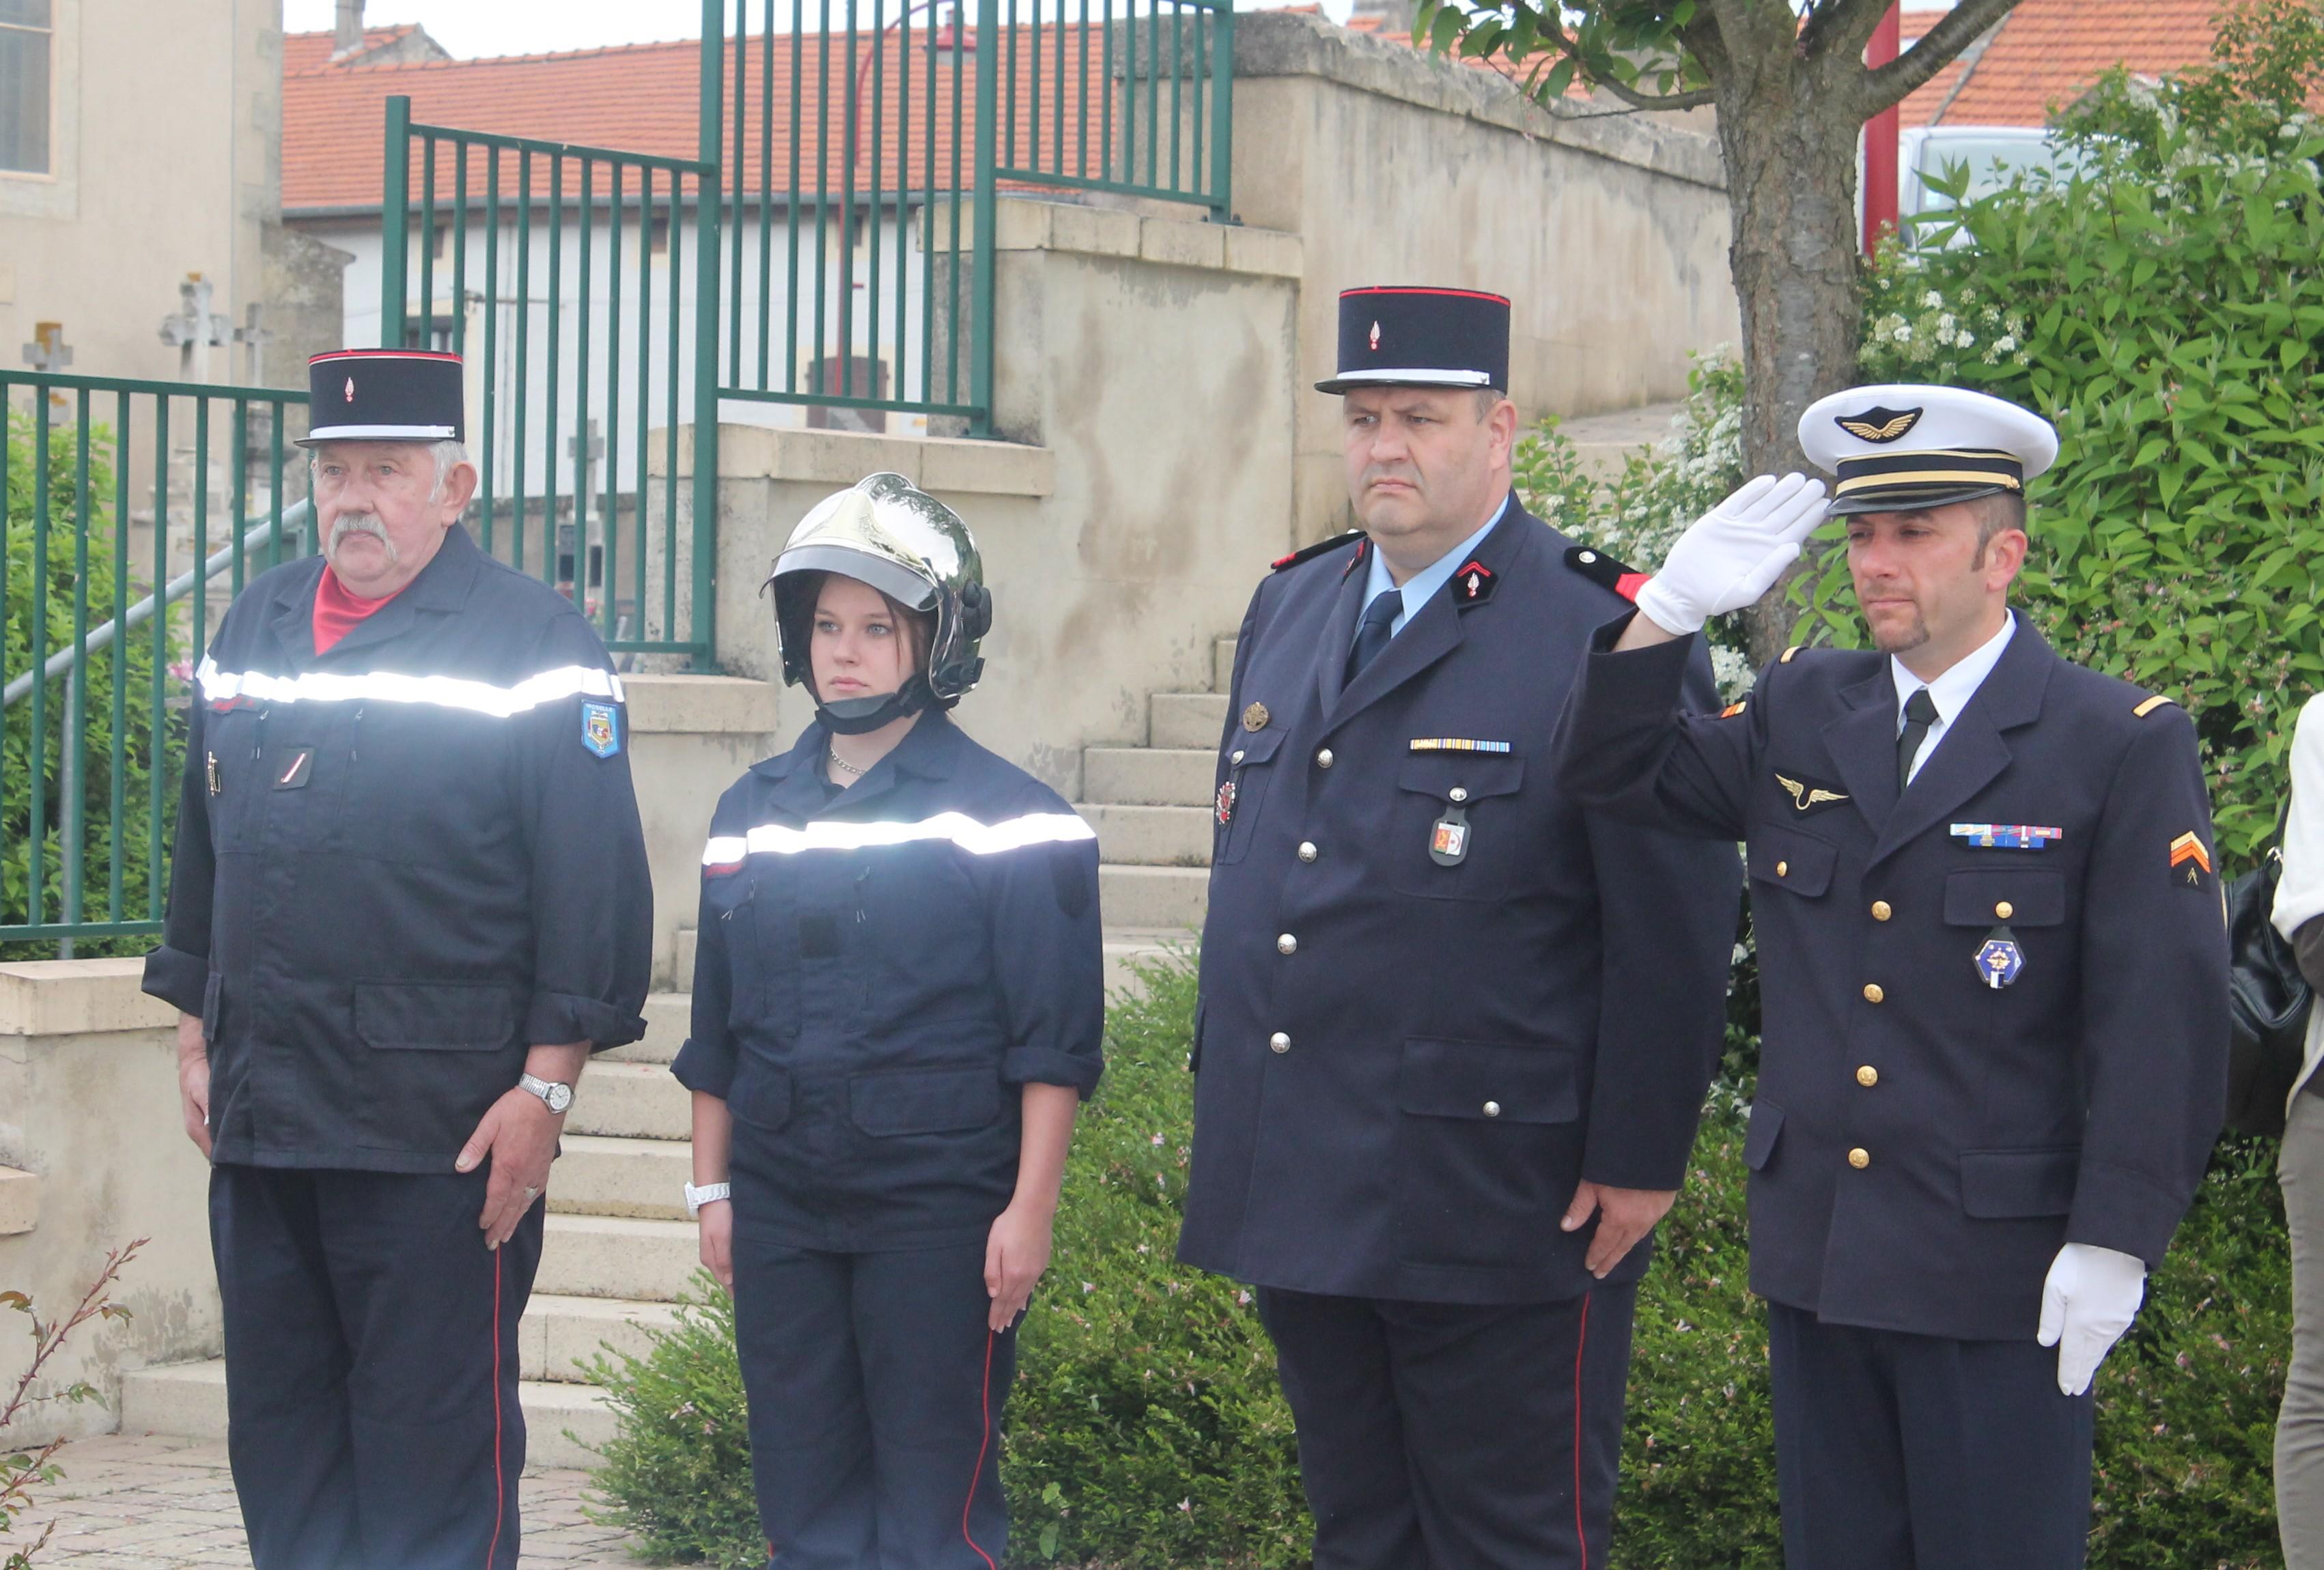 pompiers-et-militaires